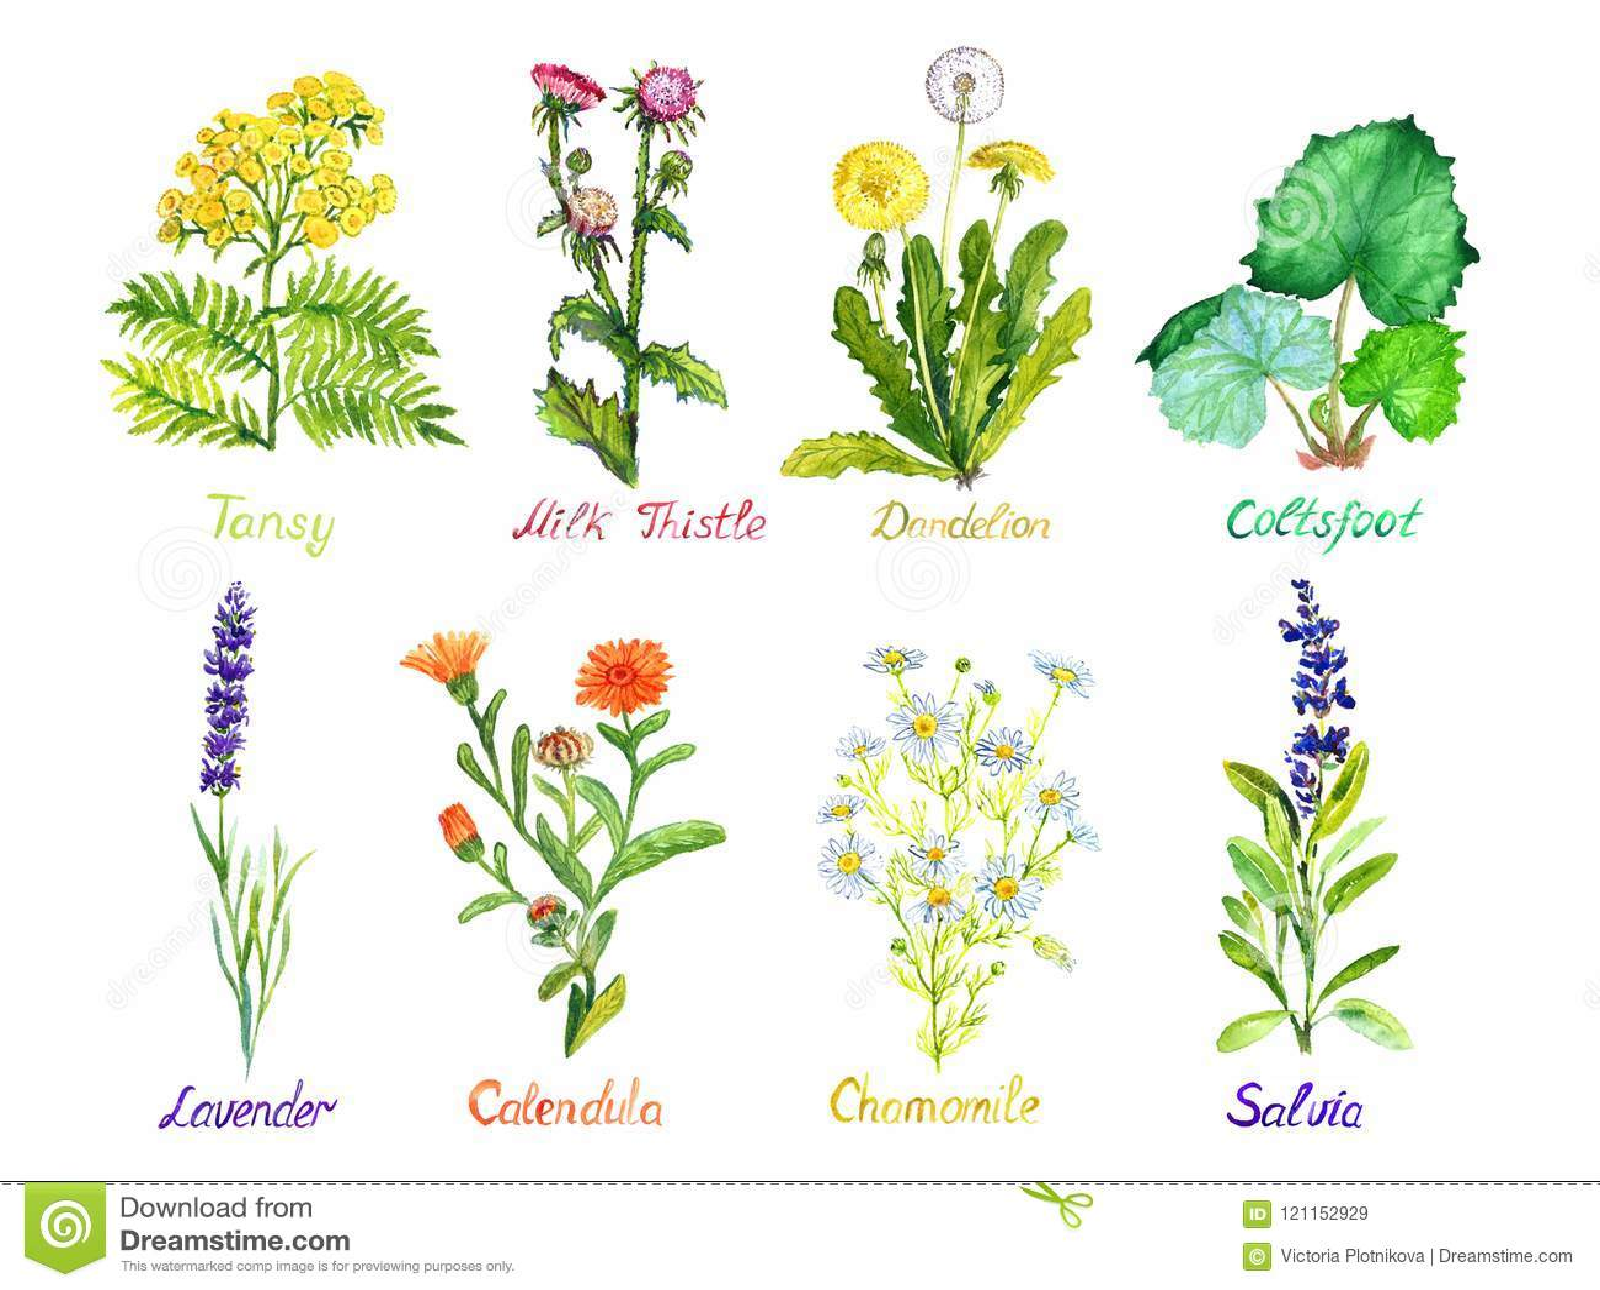 Tansy, cardo de leche, diente de león, coltsfoot, lavanda, calendula, manzanilla y salvia, colección médica de las flores salvaje